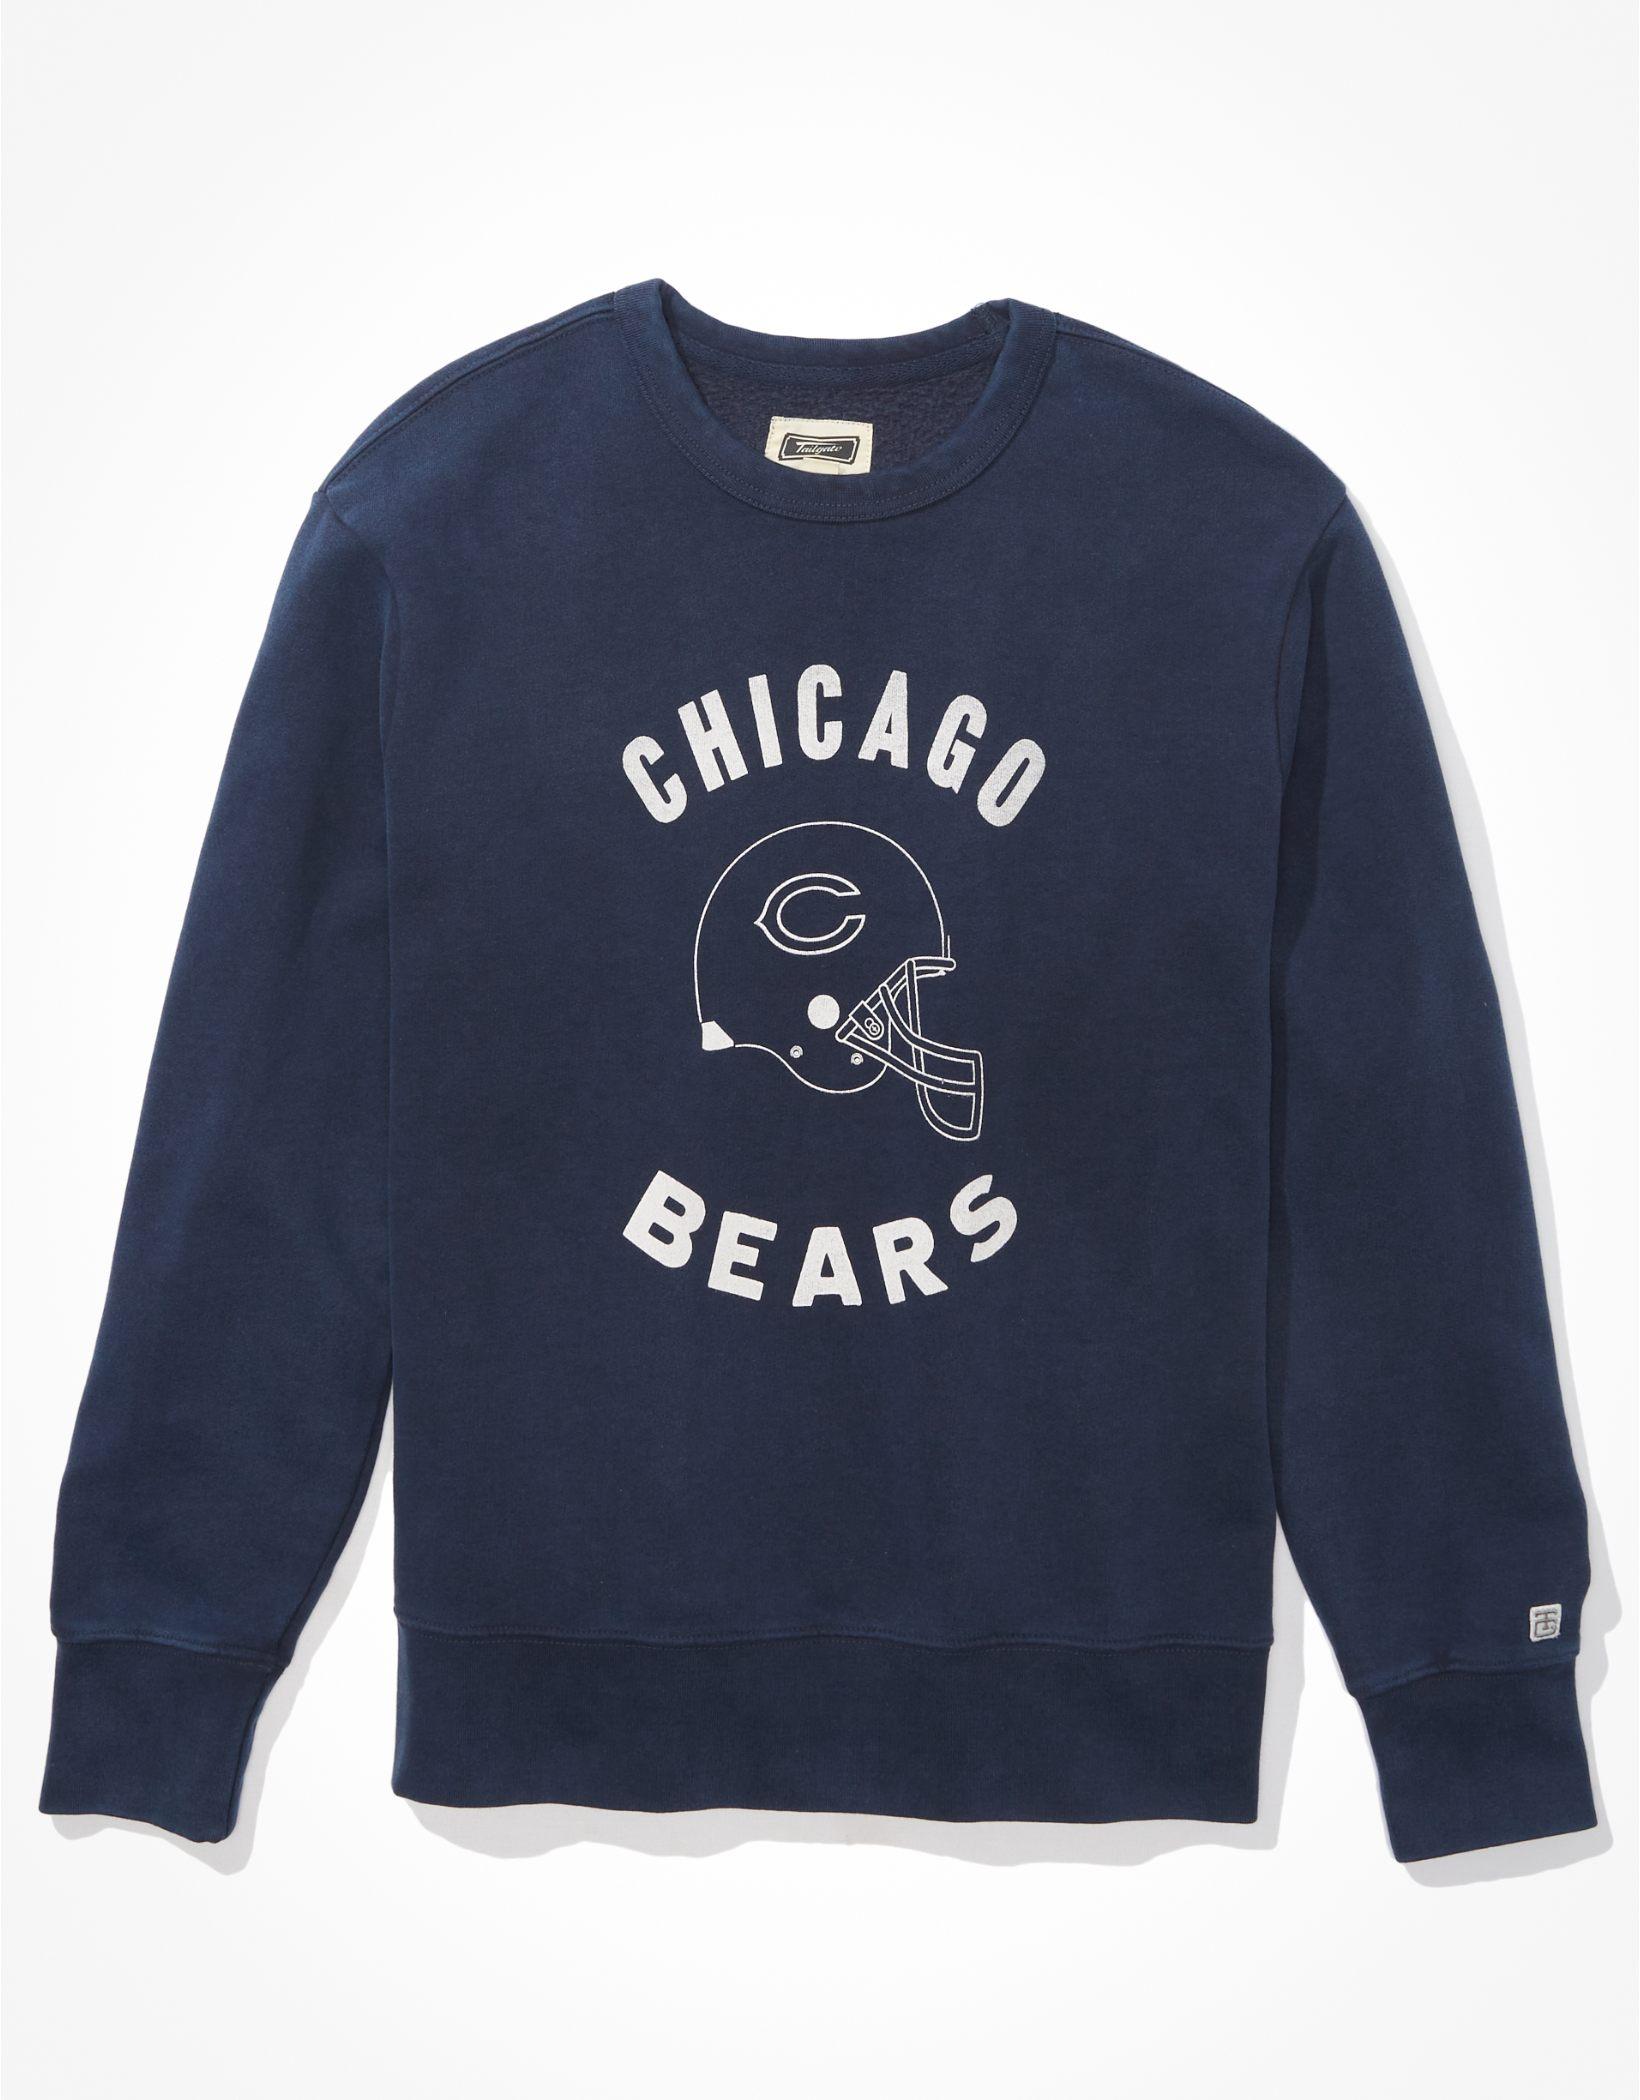 Tailgate Men's Chicago Bears Graphic Fleece Sweatshirt